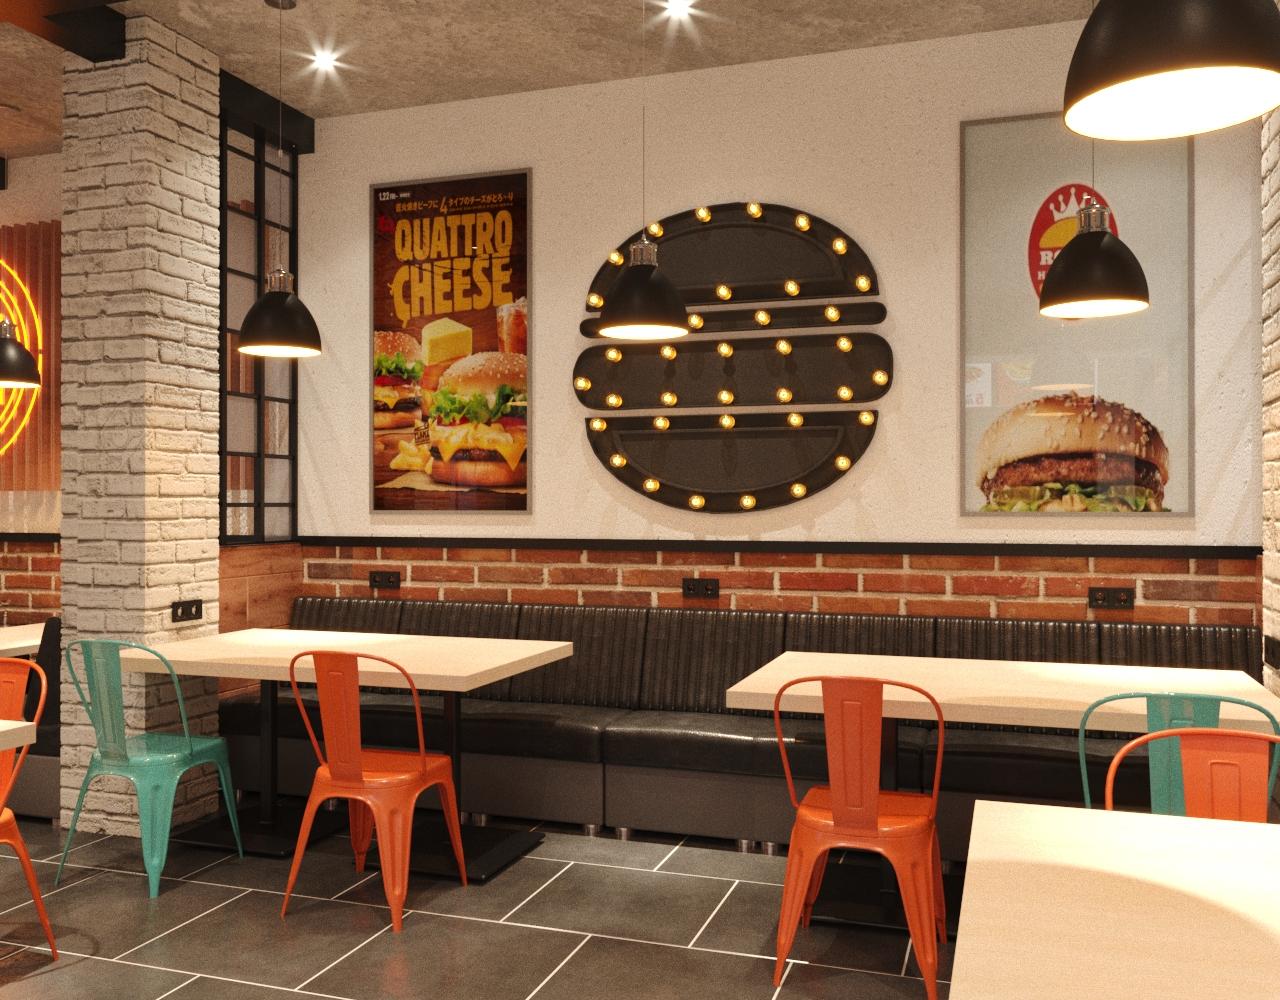 Обновление интерьера кафе  фото f_36459ceaa824ce5a.jpg